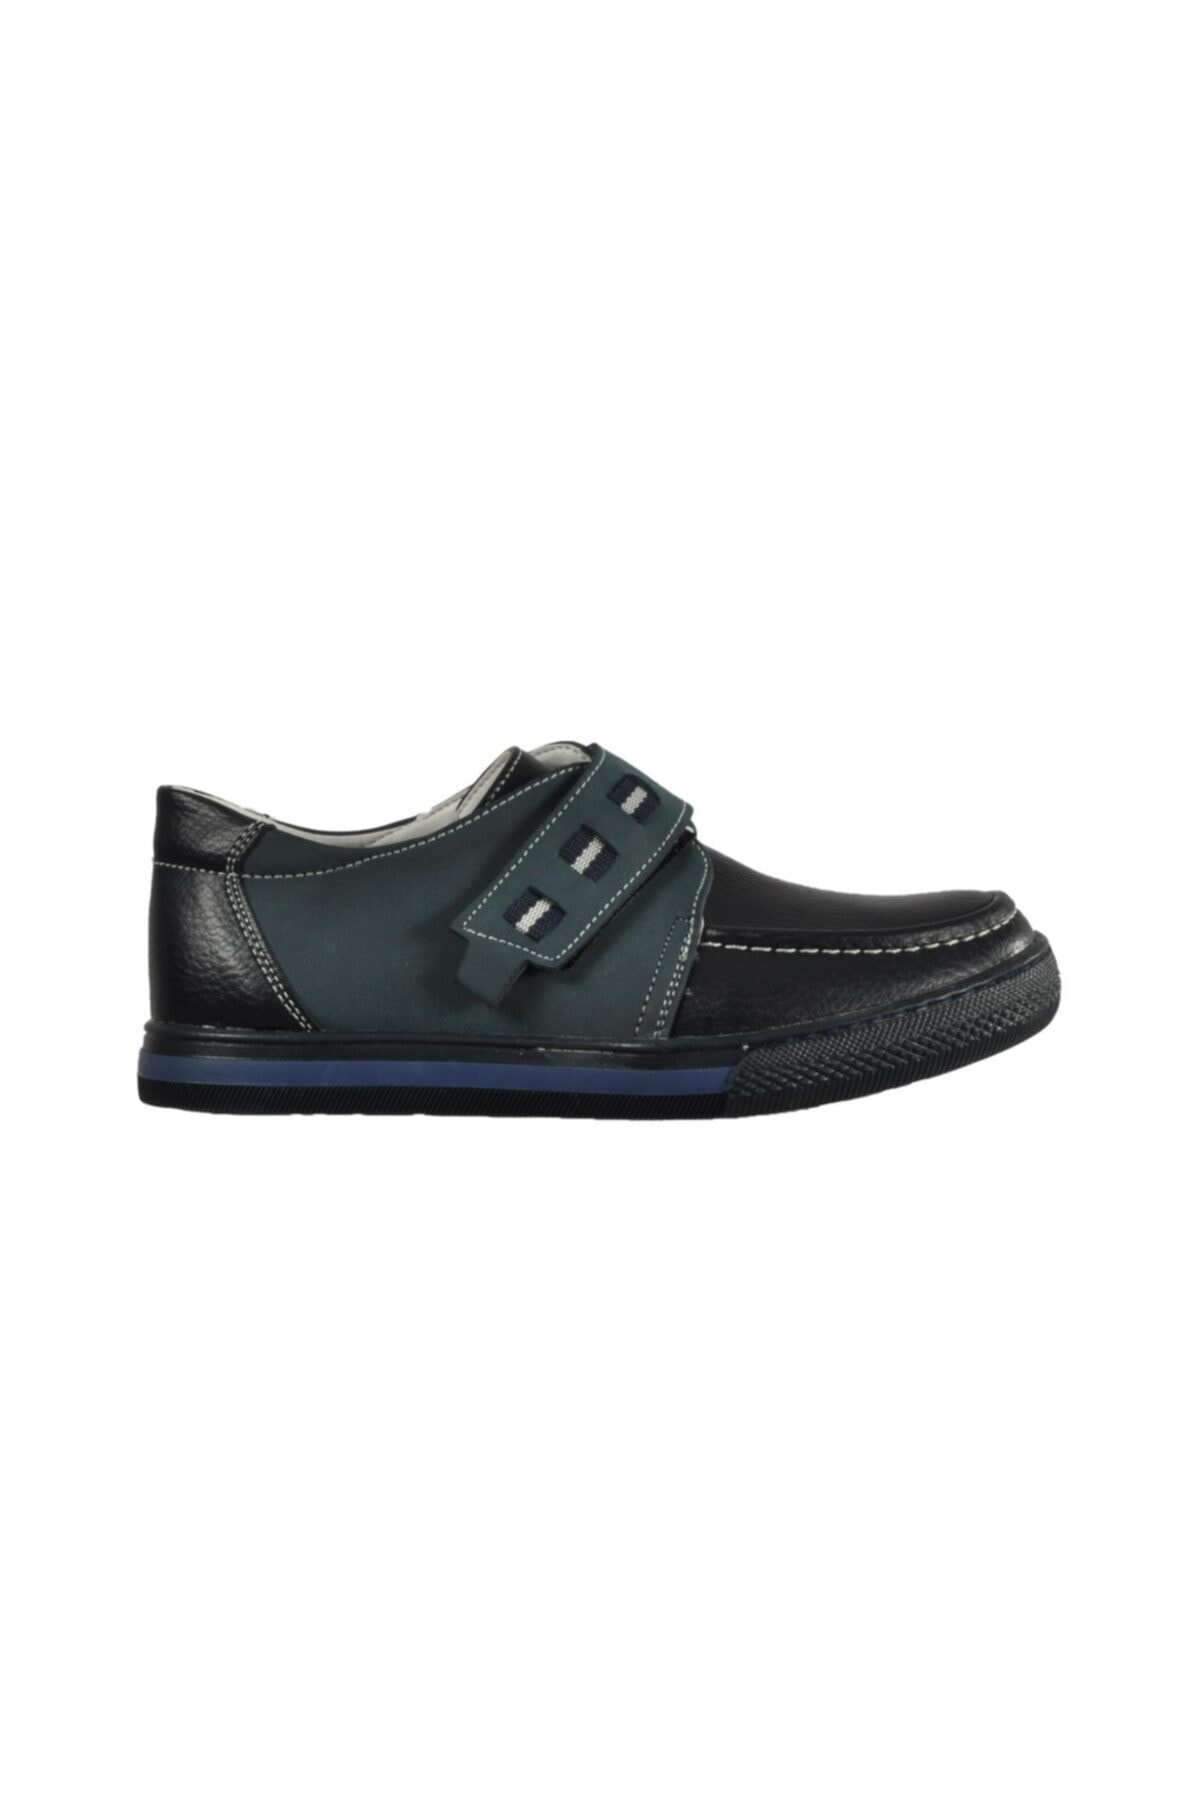 8999 Siyah-lacivert Çocuk Günlük Ayakkabı